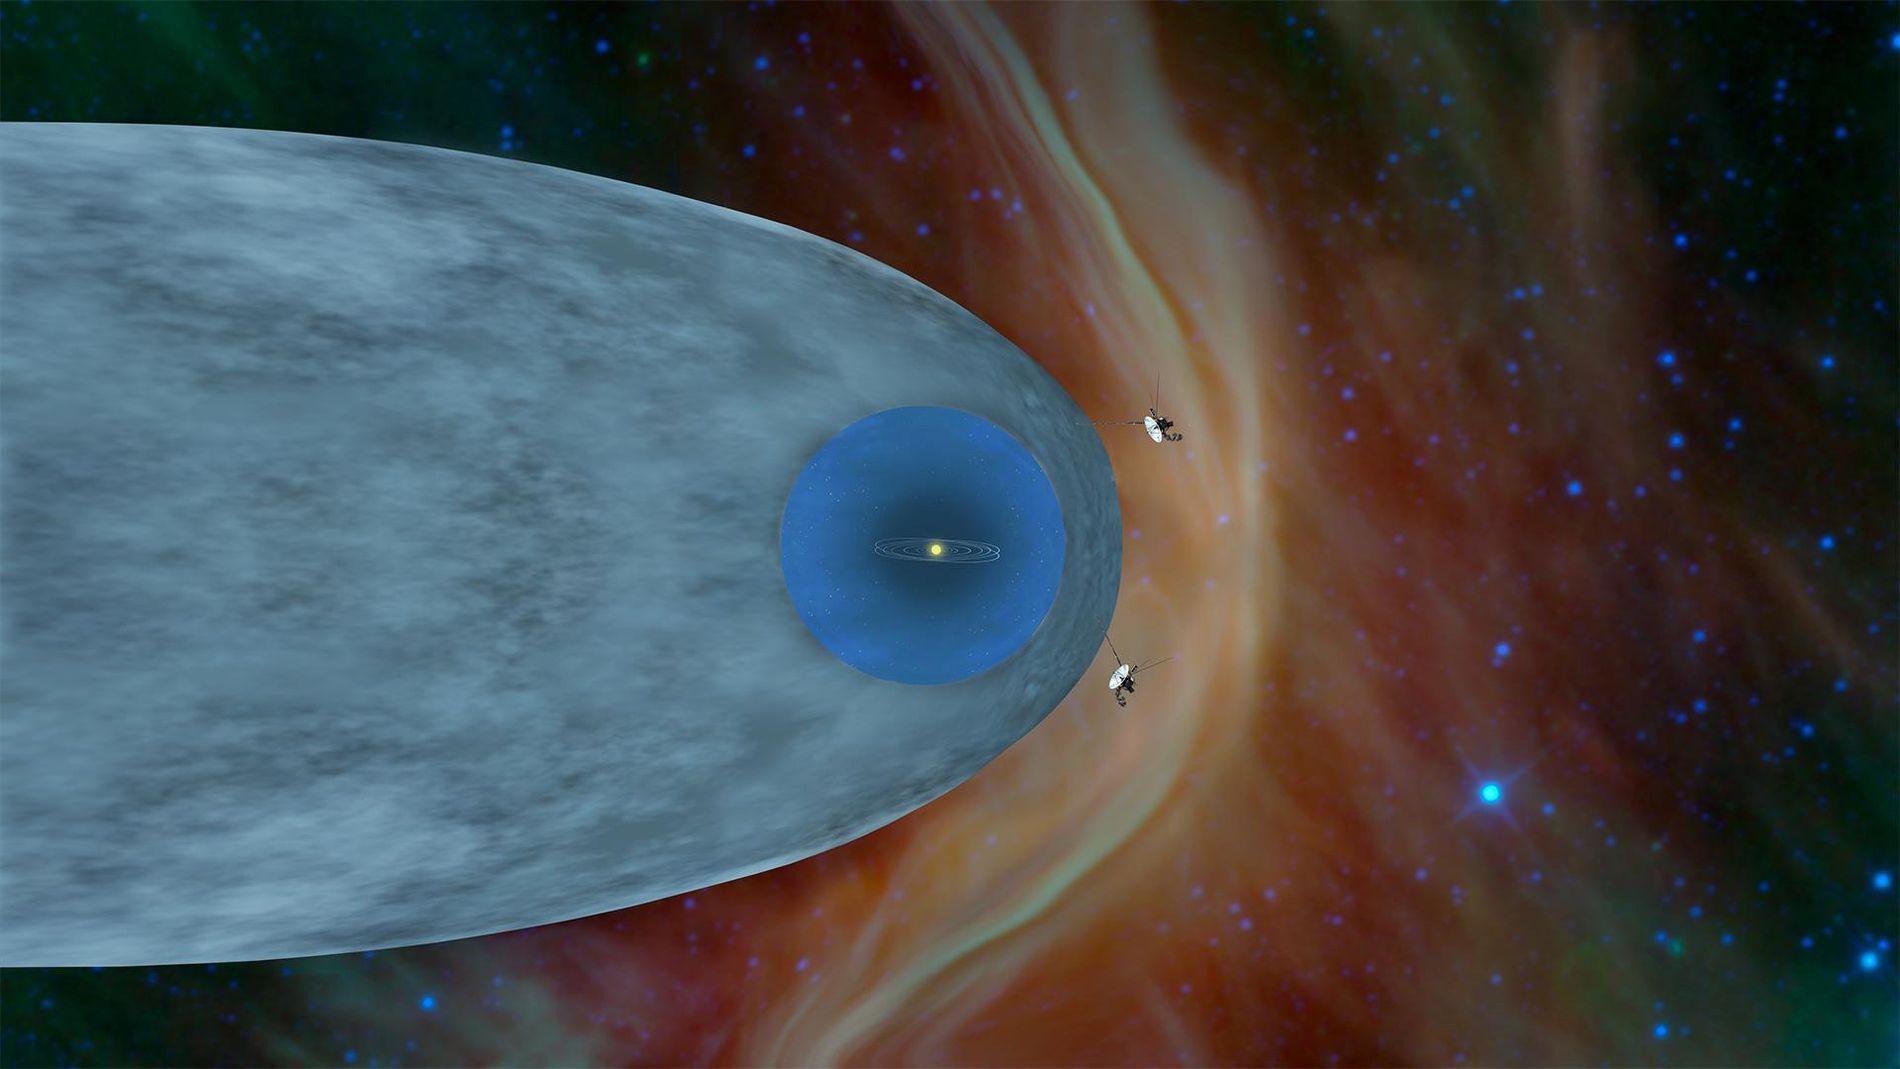 Eine Illustration zeigt die Positionen von Voyager 1 und 2 jenseits der Heliosphäre – einem schützenden ...